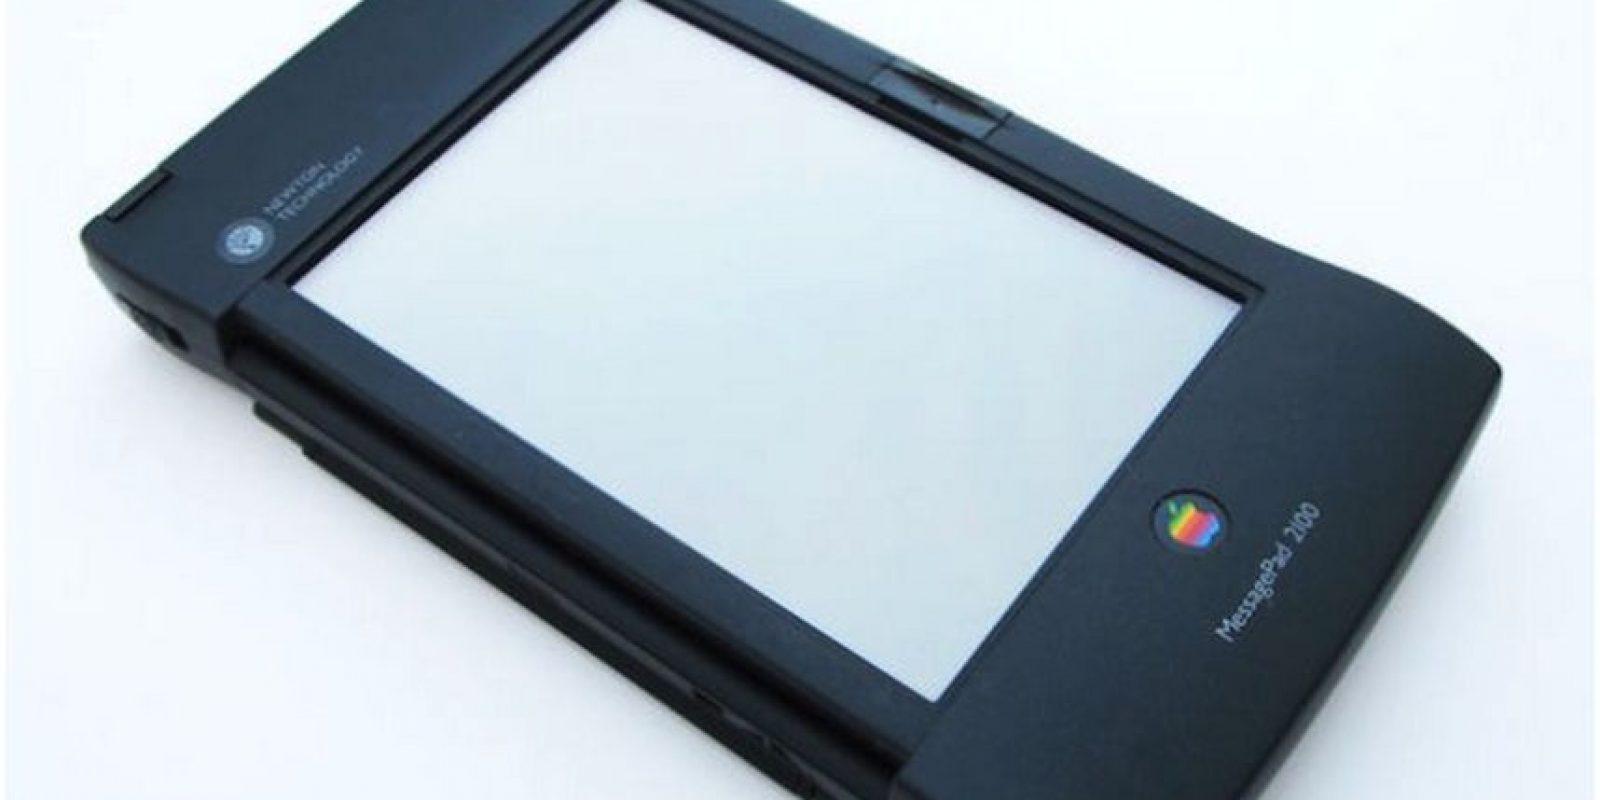 Newton, el antecedente del iPhone y iPad, no tuvo el recibimiento esperado ya que su tamaño y precio exageradamente grandes Foto:Apple